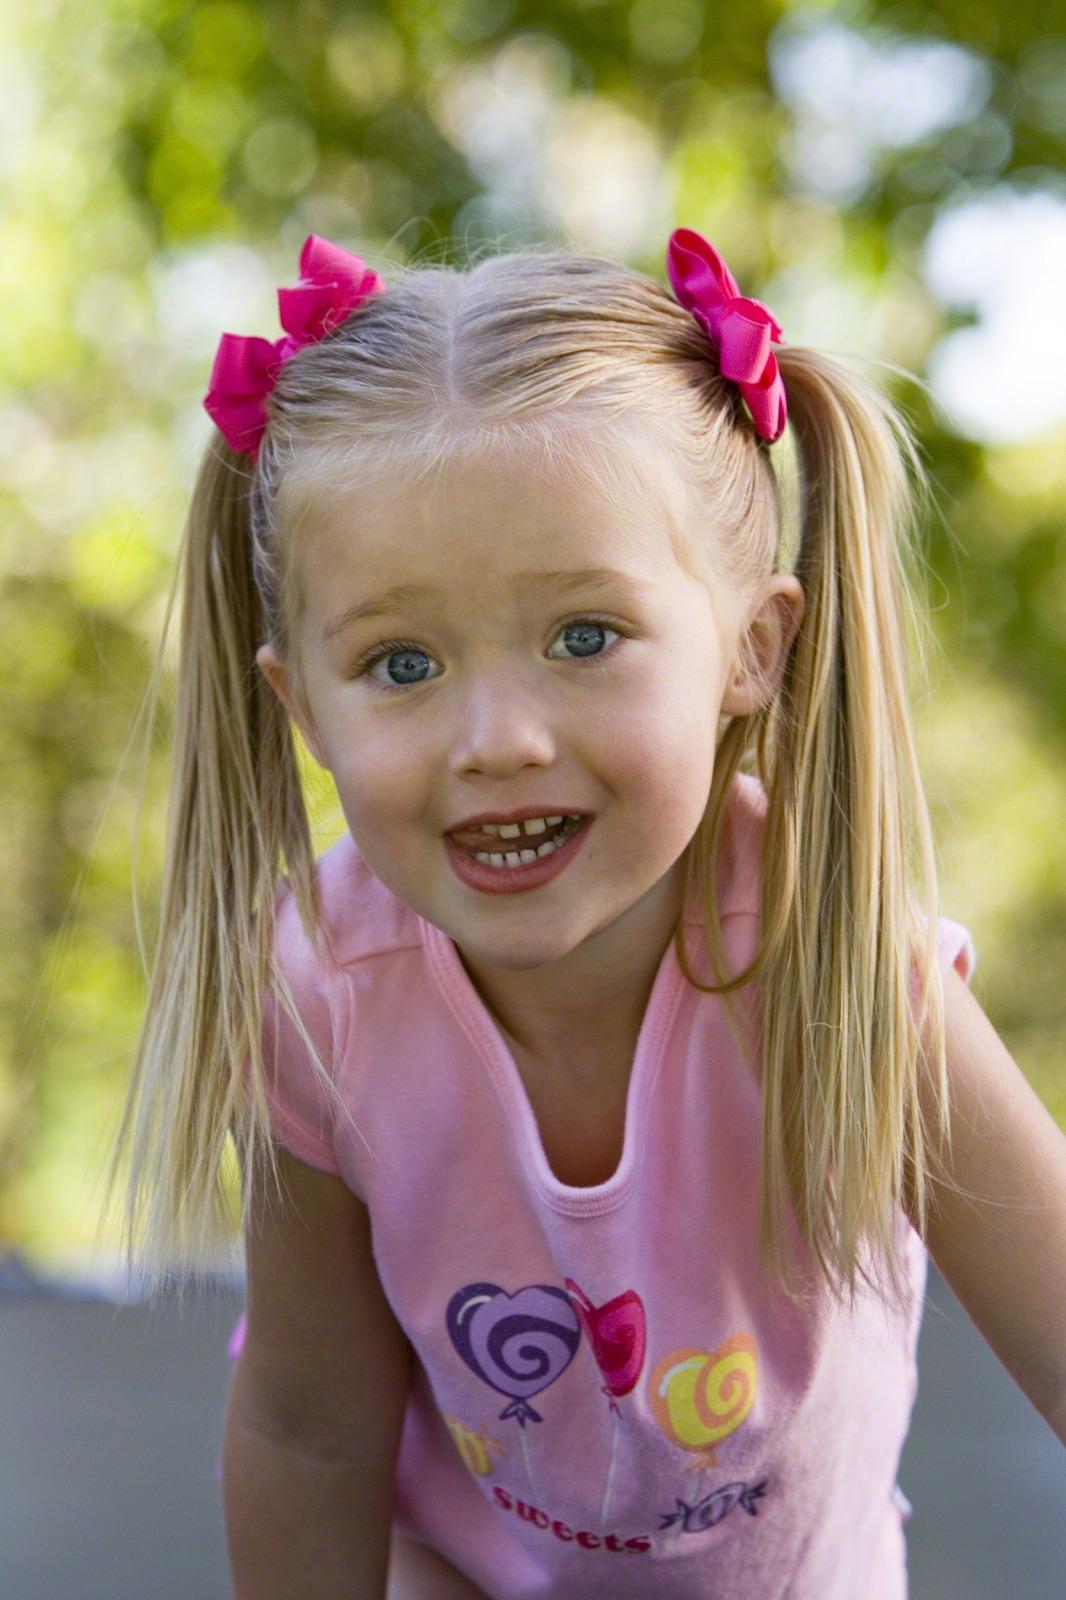 Innocent little girl fetish — 11